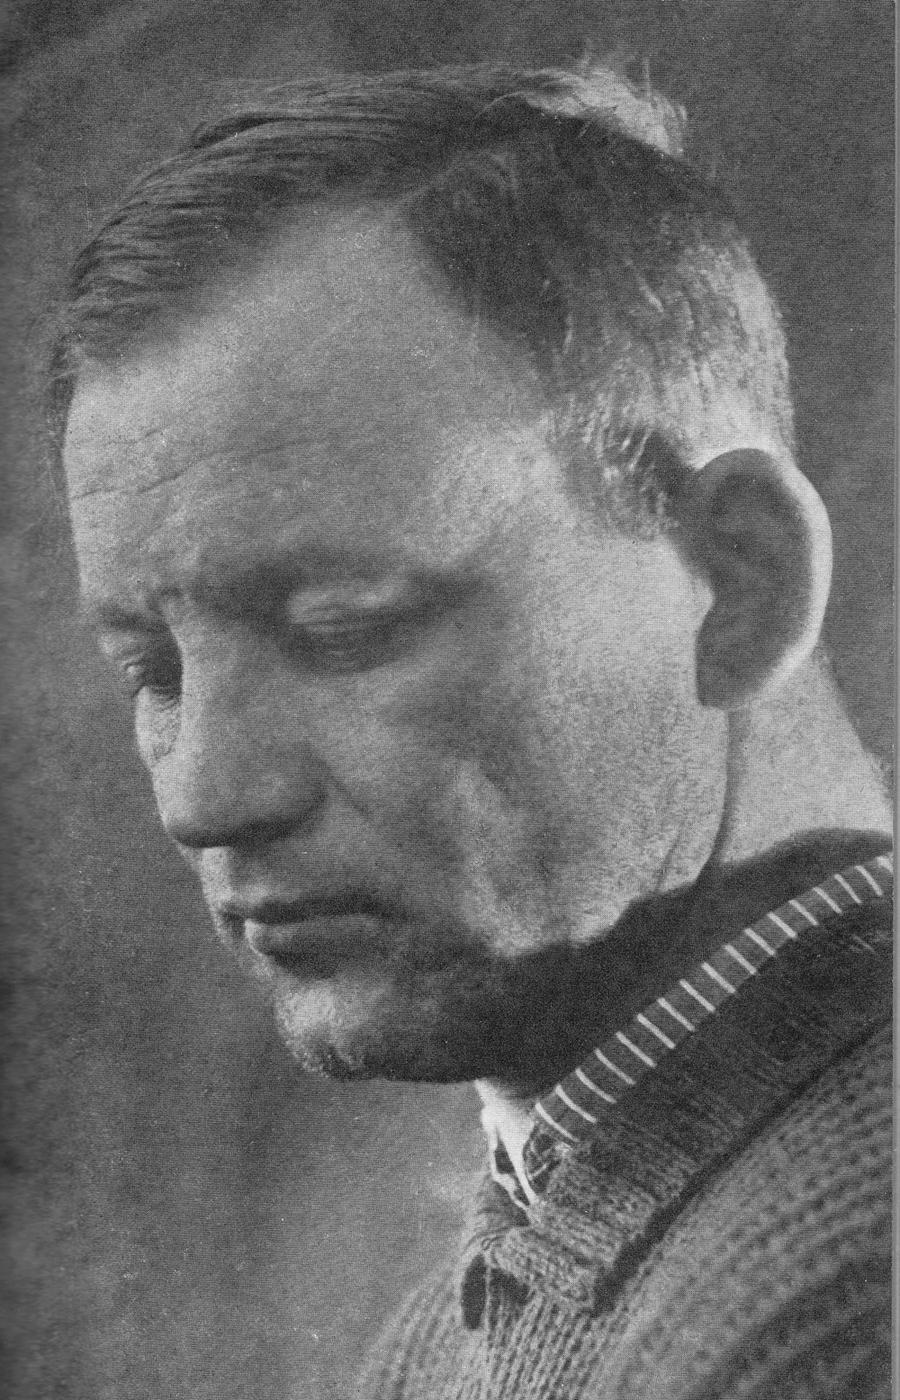 Image of Kondor Béla